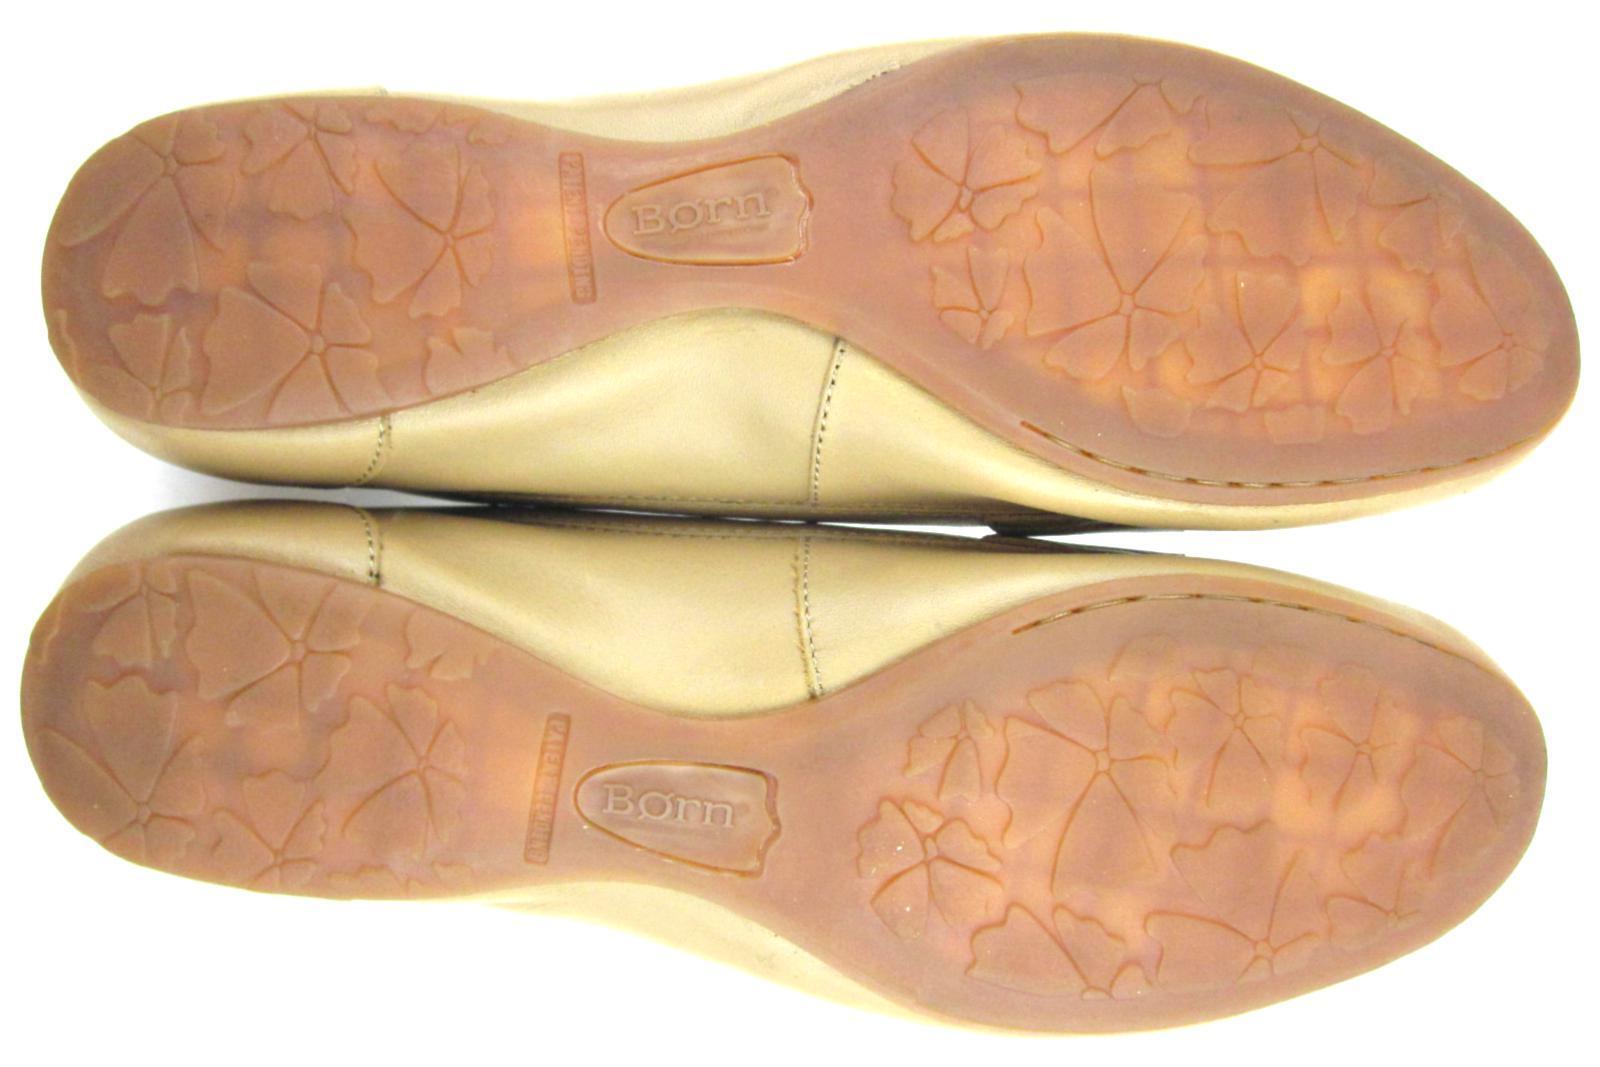 NEW  Born Ballet Tan Flat Style Penny Loafers Tan Ballet Leder Sz US 11 45abac